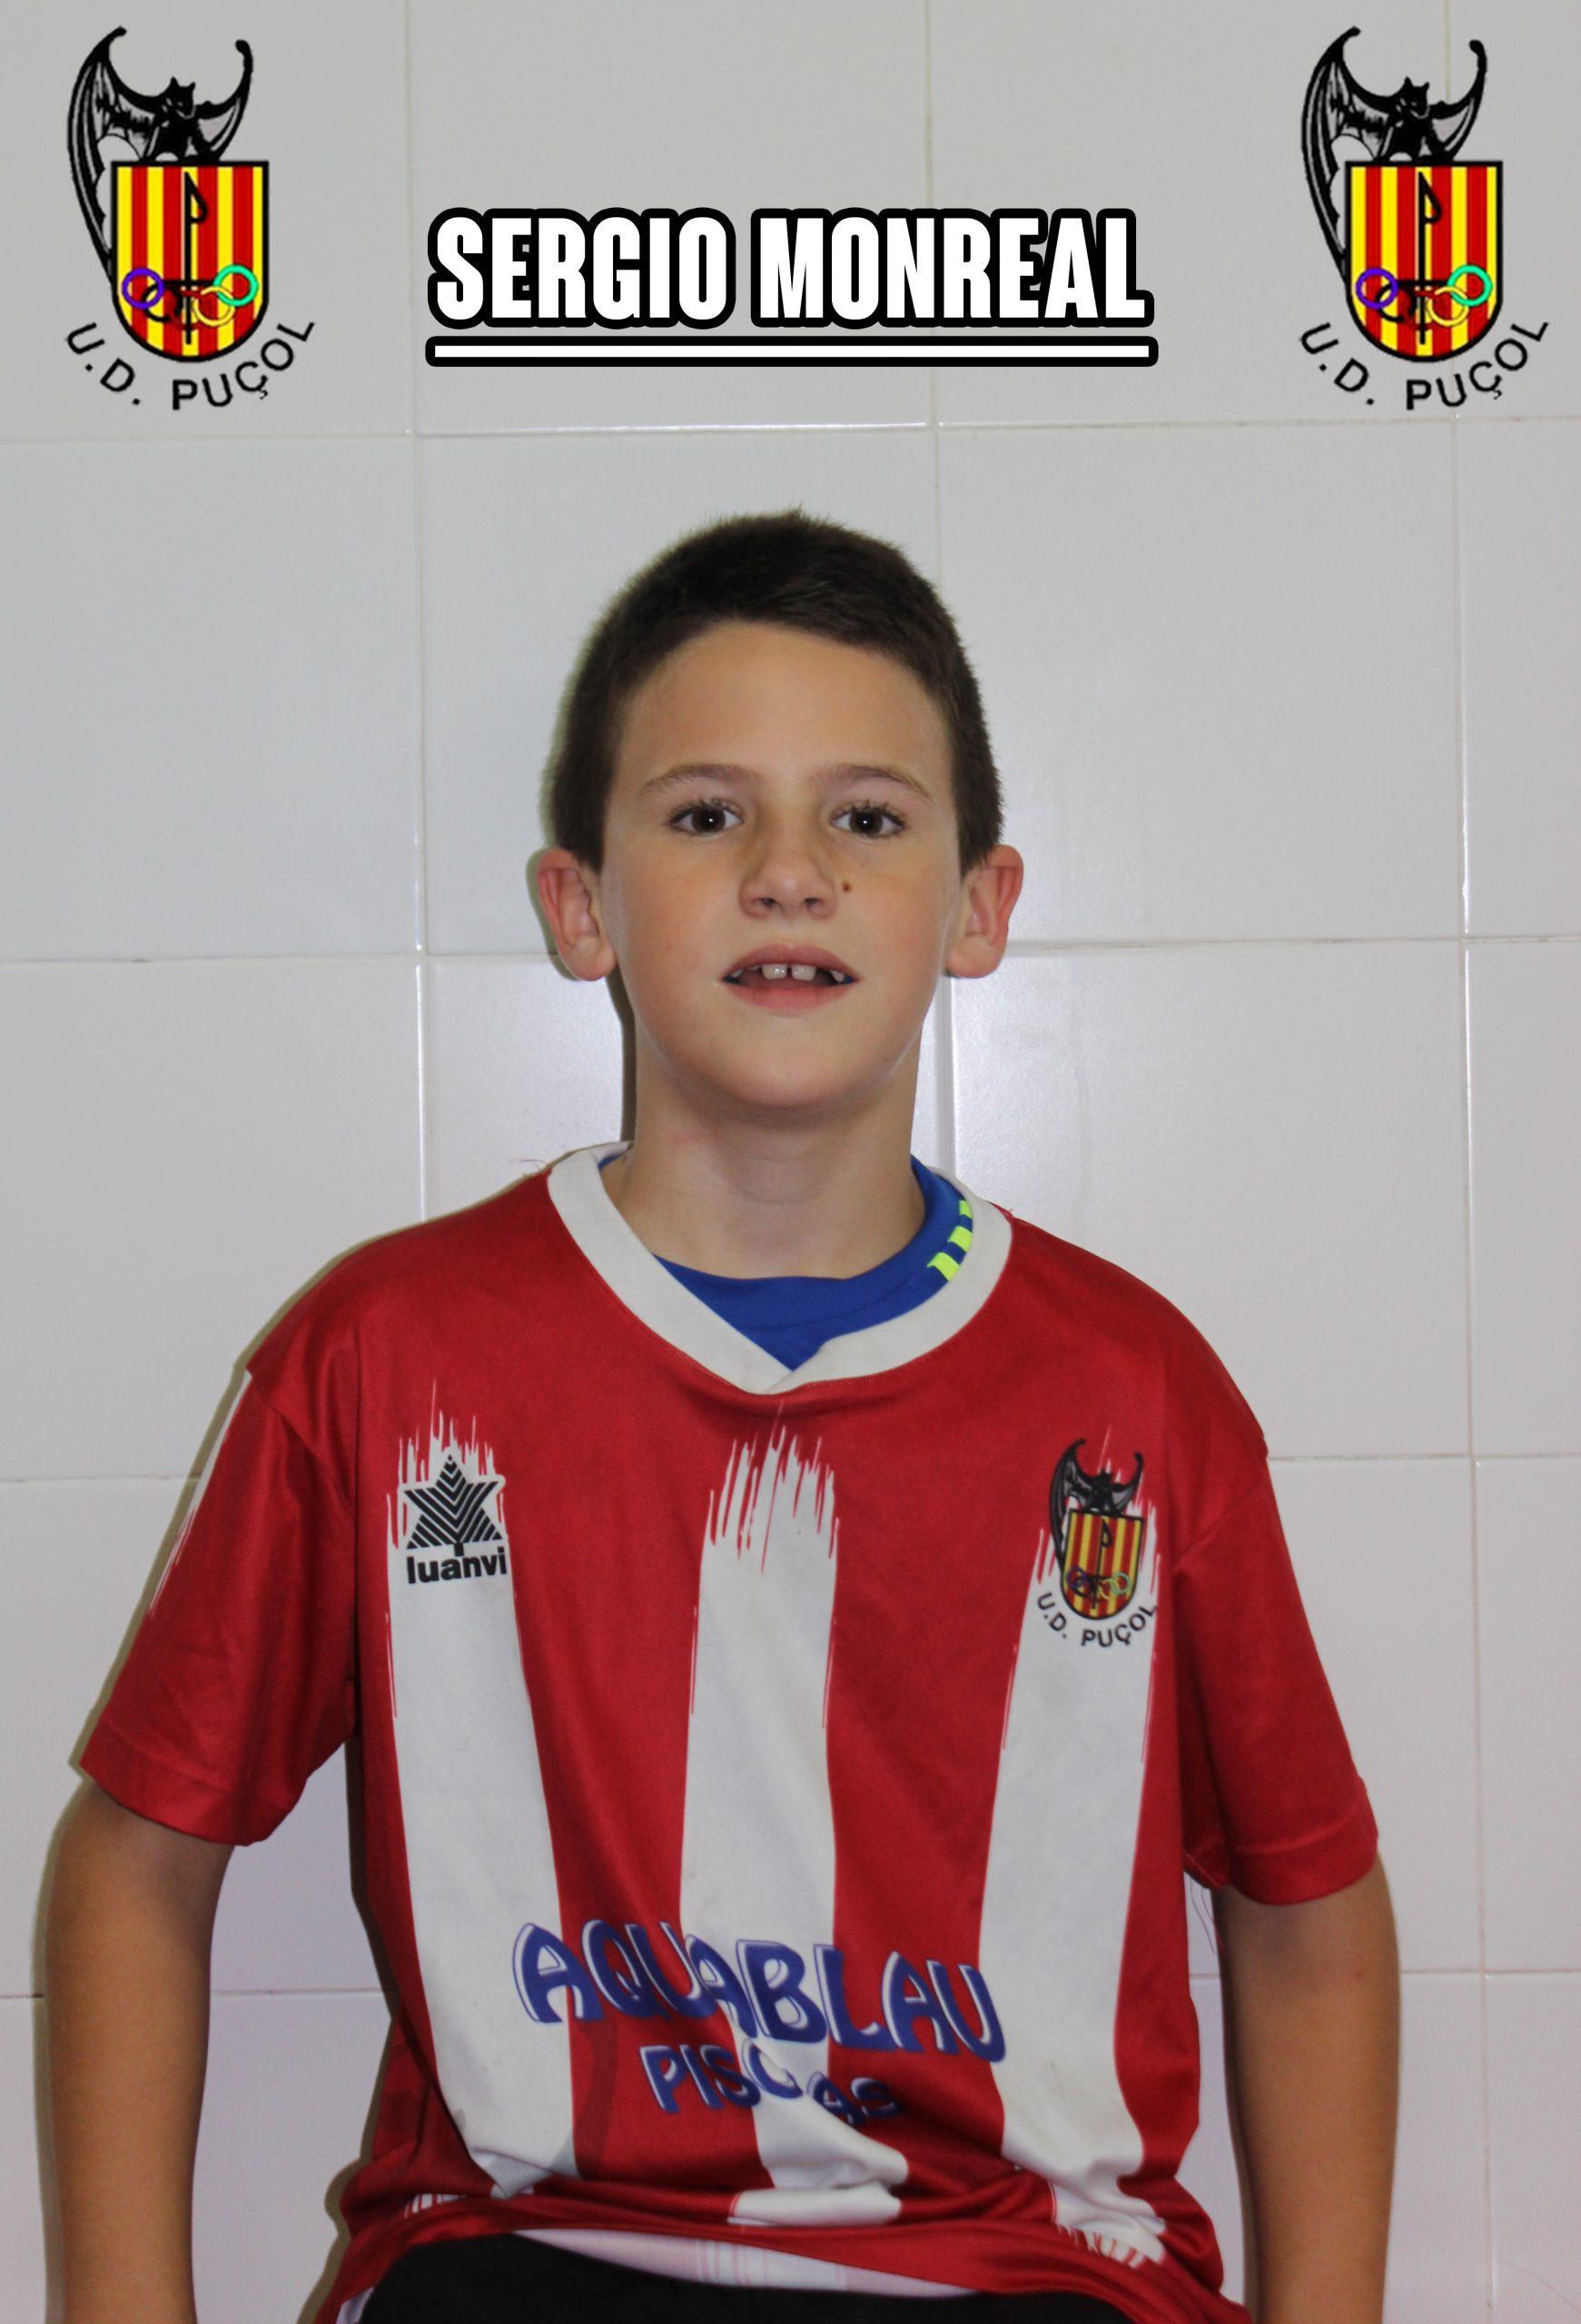 Sergio Monreal